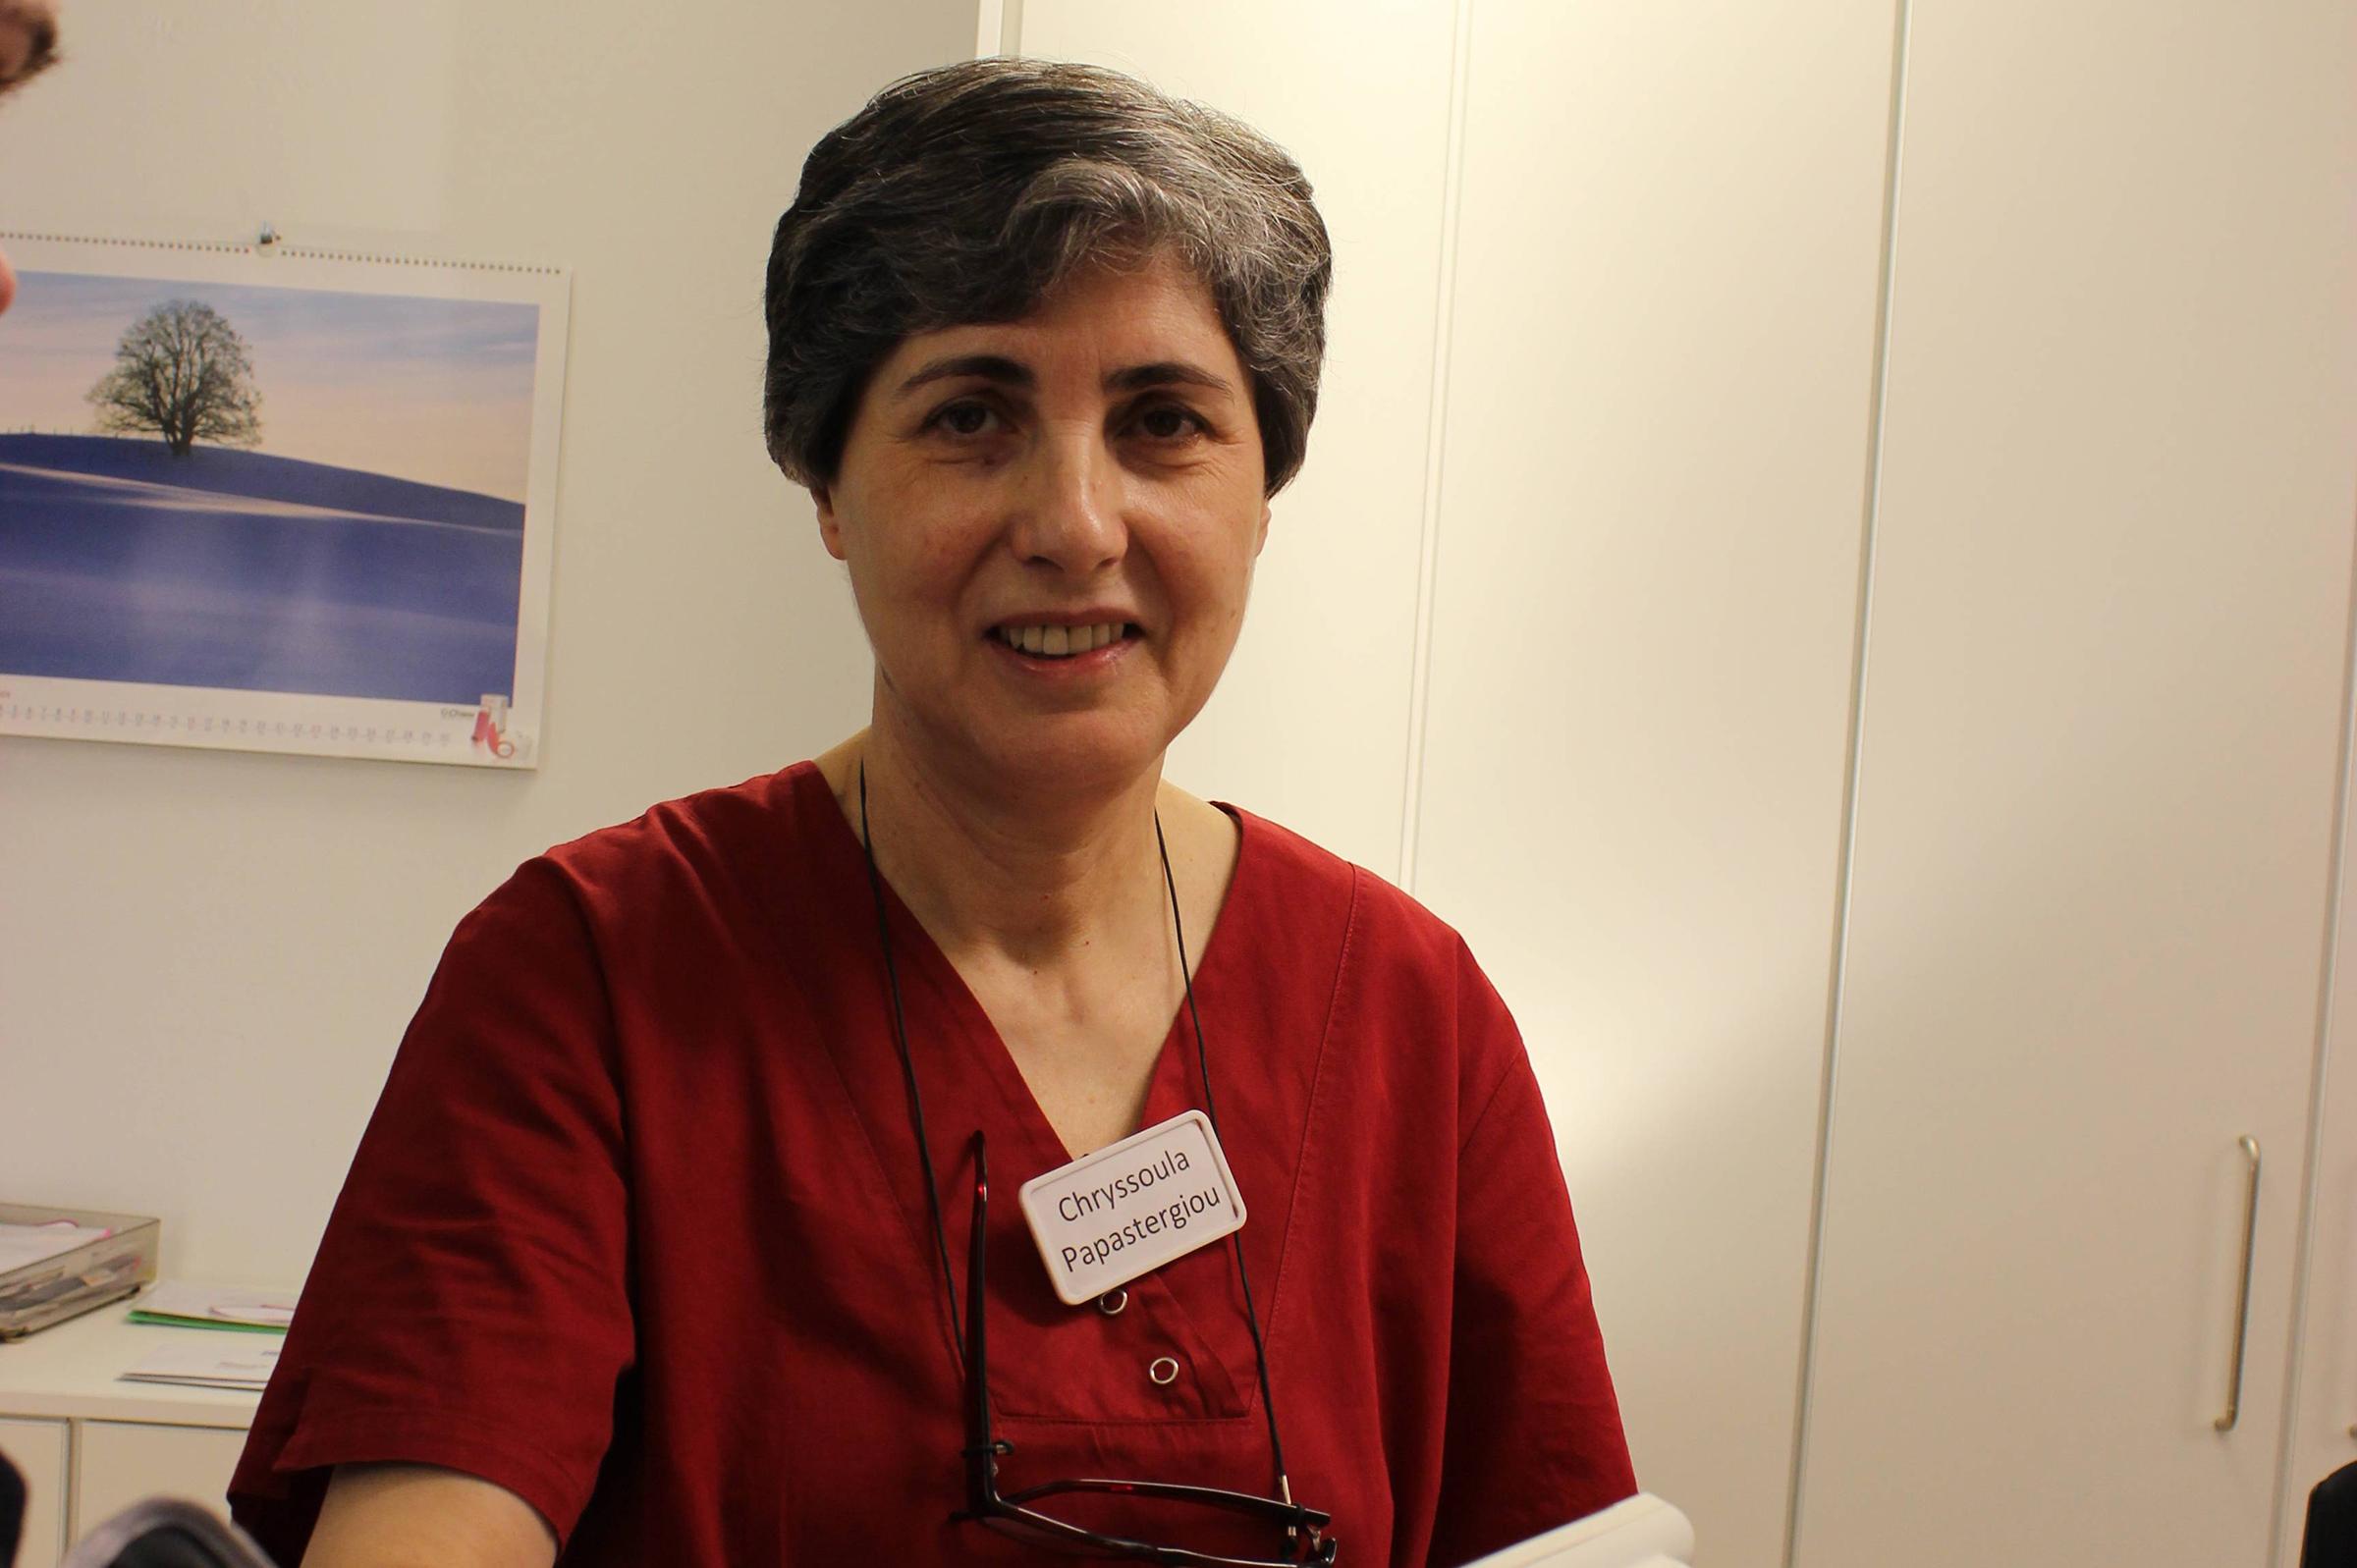 Chryssoula Papastergiou